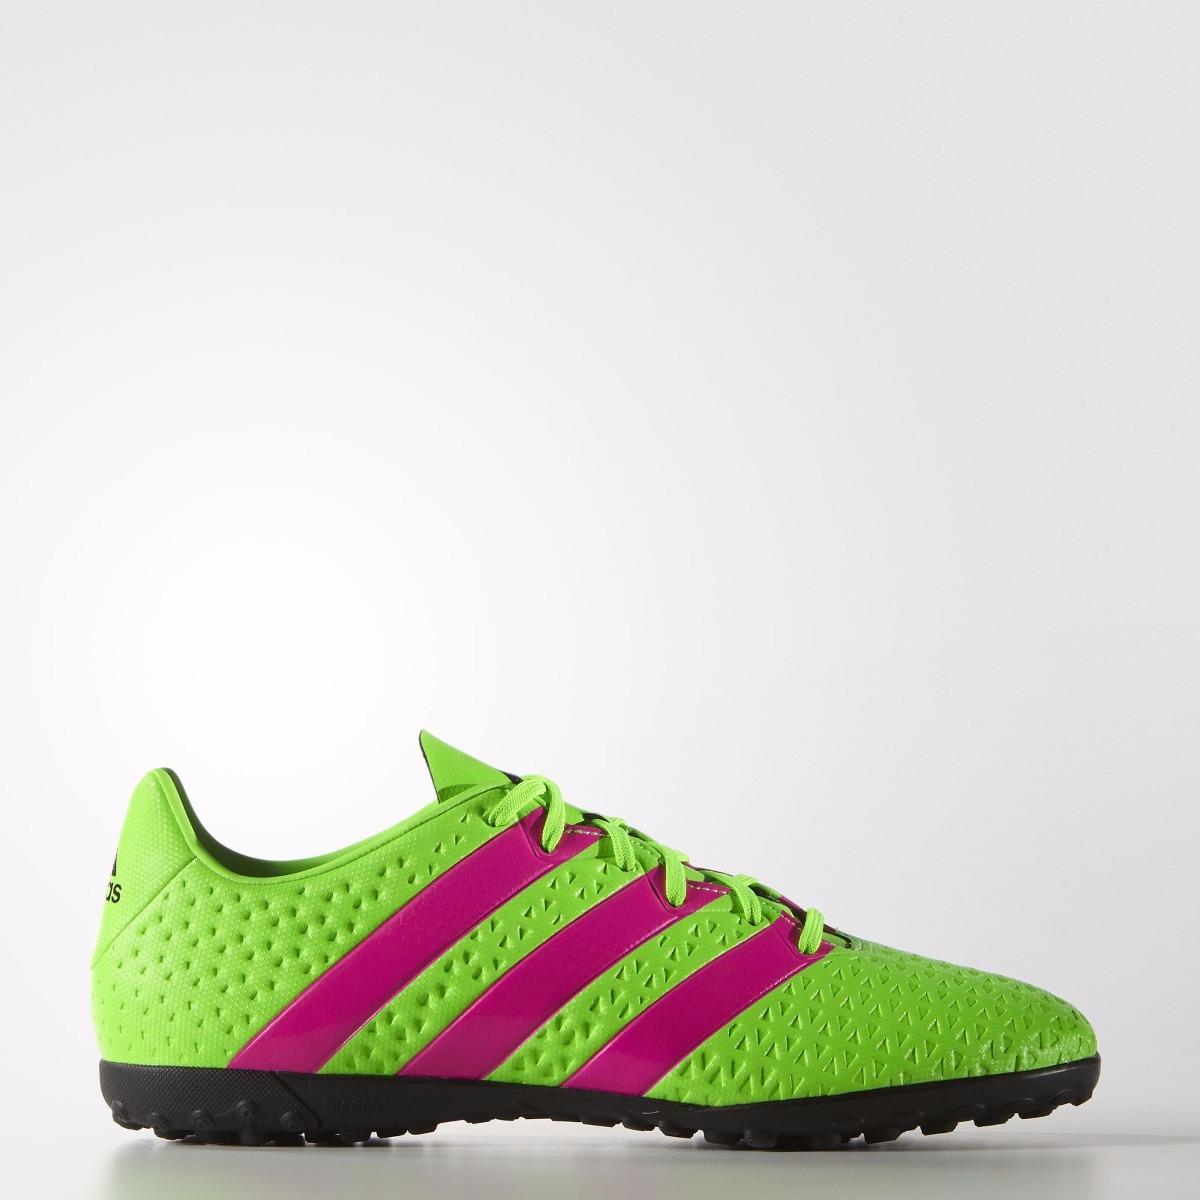 0ae366b098237 zapatos futbol soccer pasto sintetico 16.4 adidas af5057. Cargando zoom.